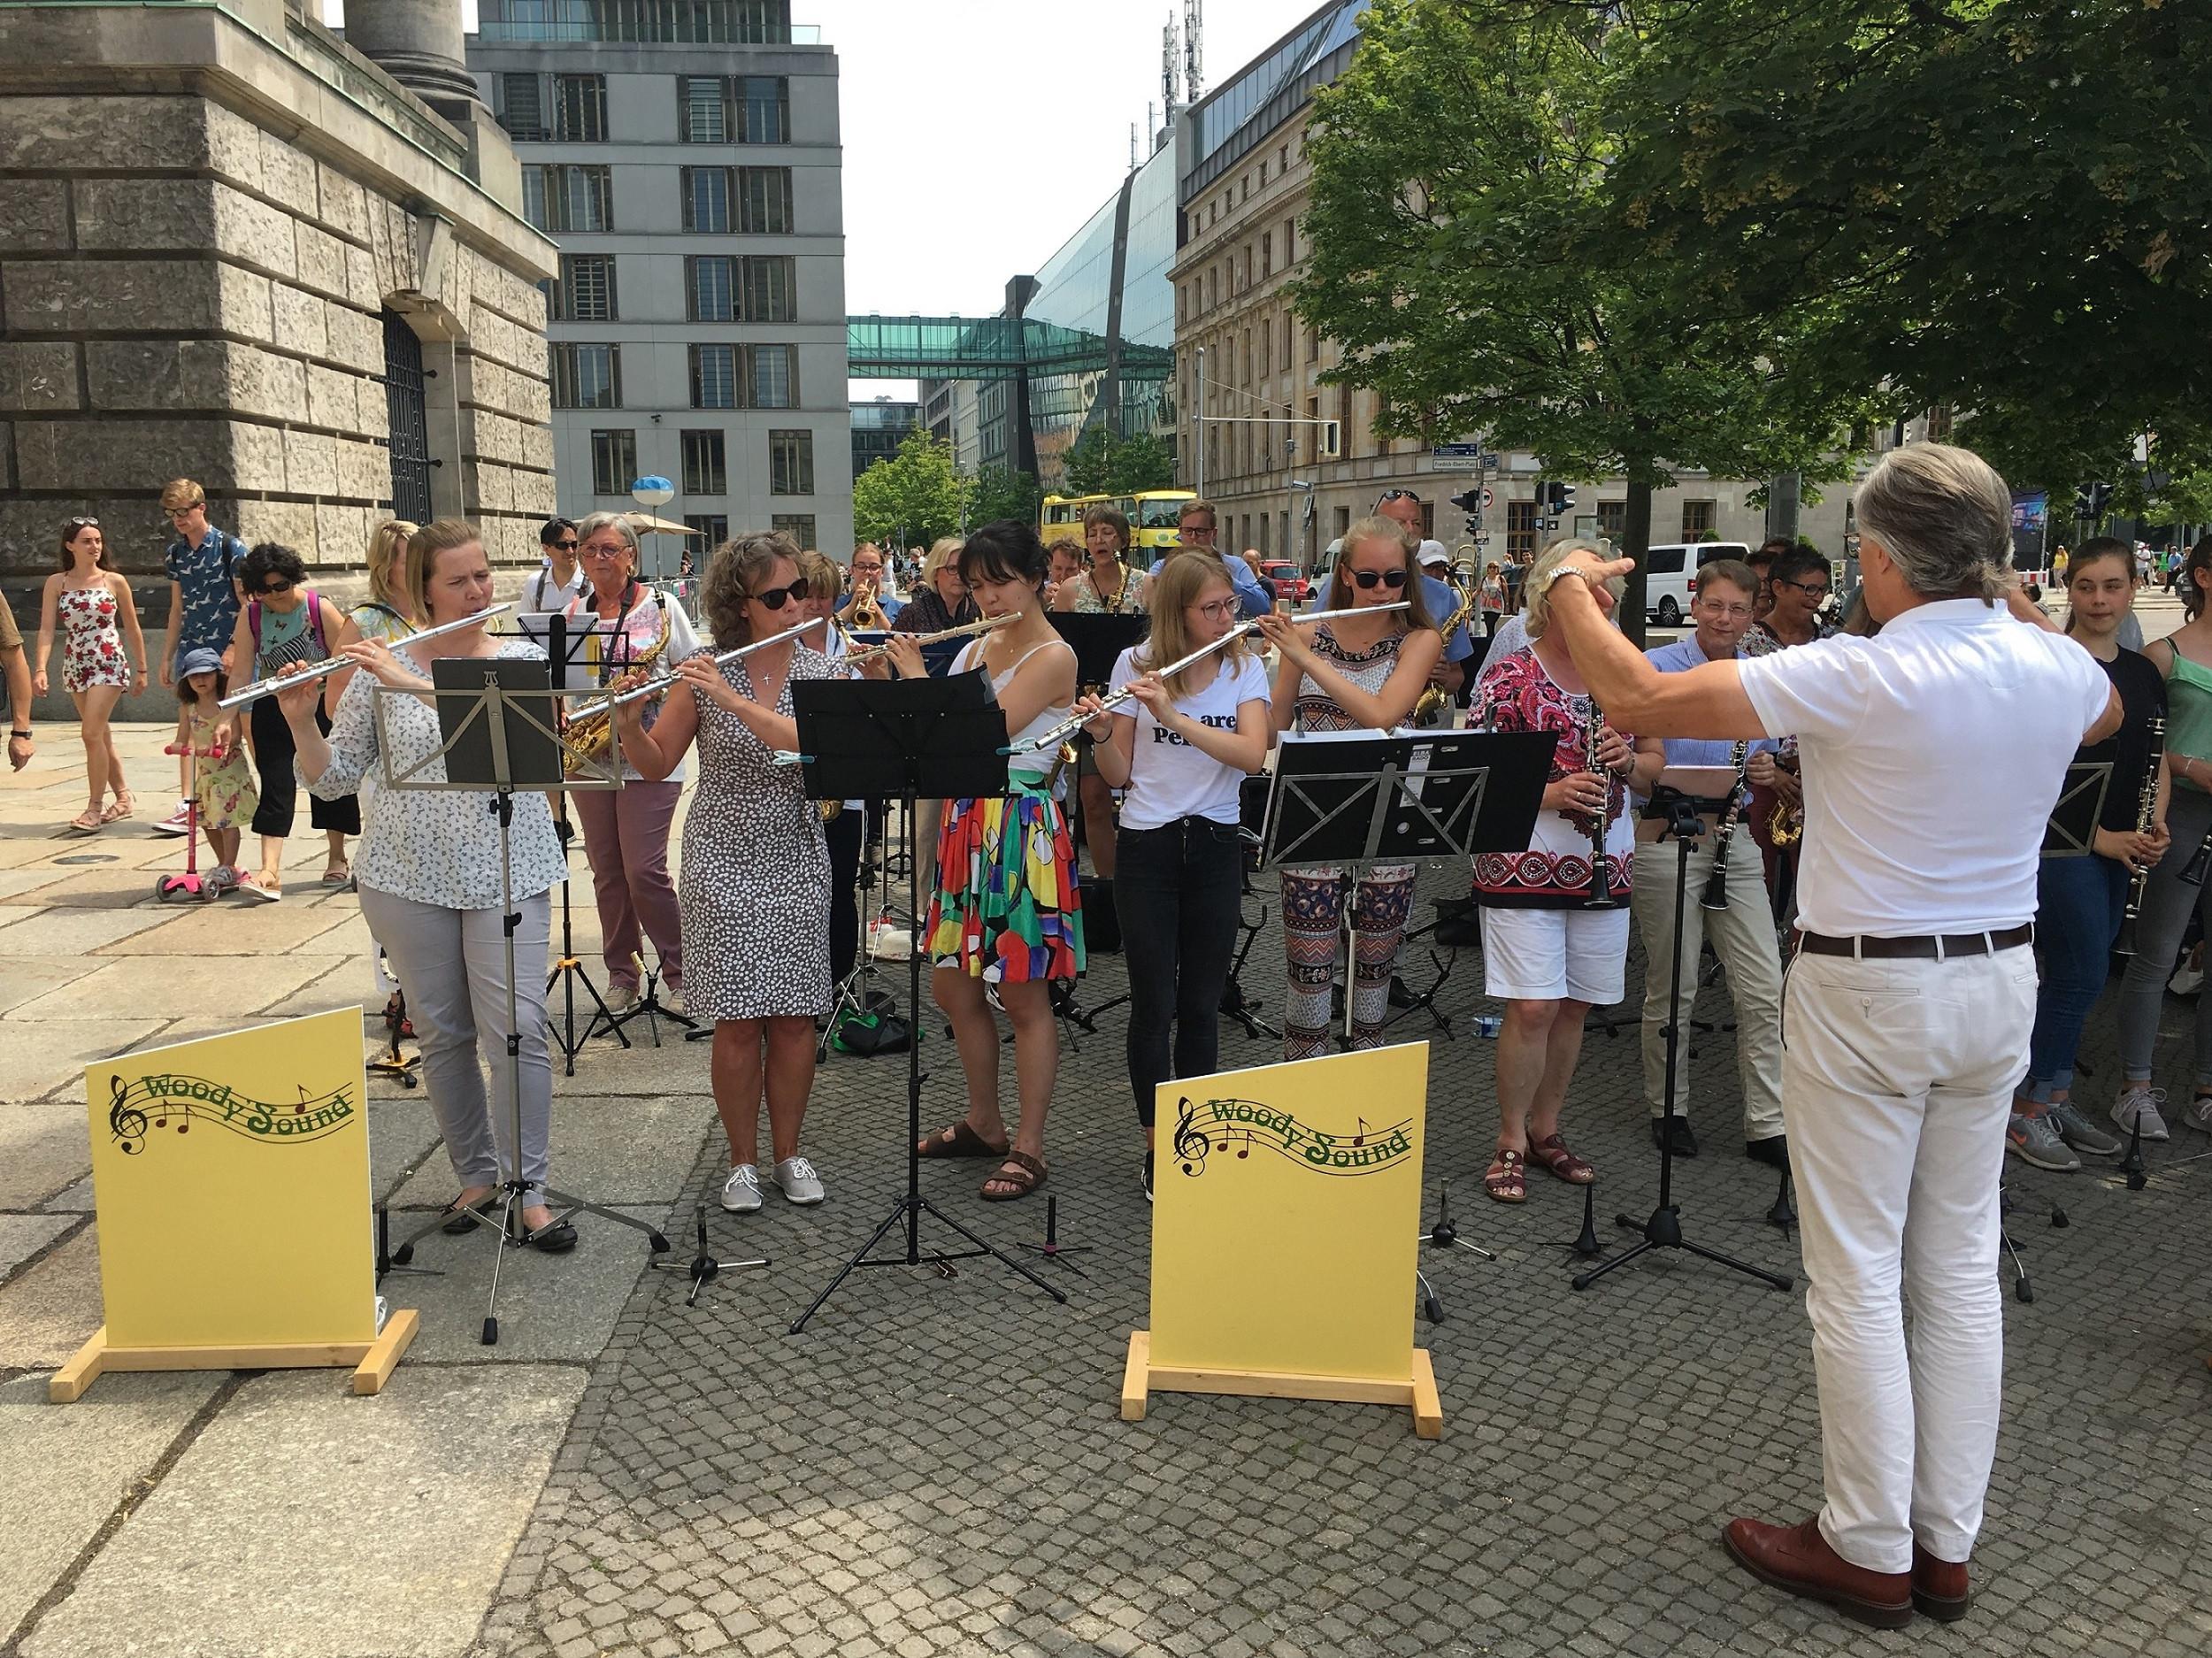 Bibi Und Tina Zdf Mediathek Frisch Spd Landkreis Harburg Mit Freude Zukunft Gestalten orchester Sammlung